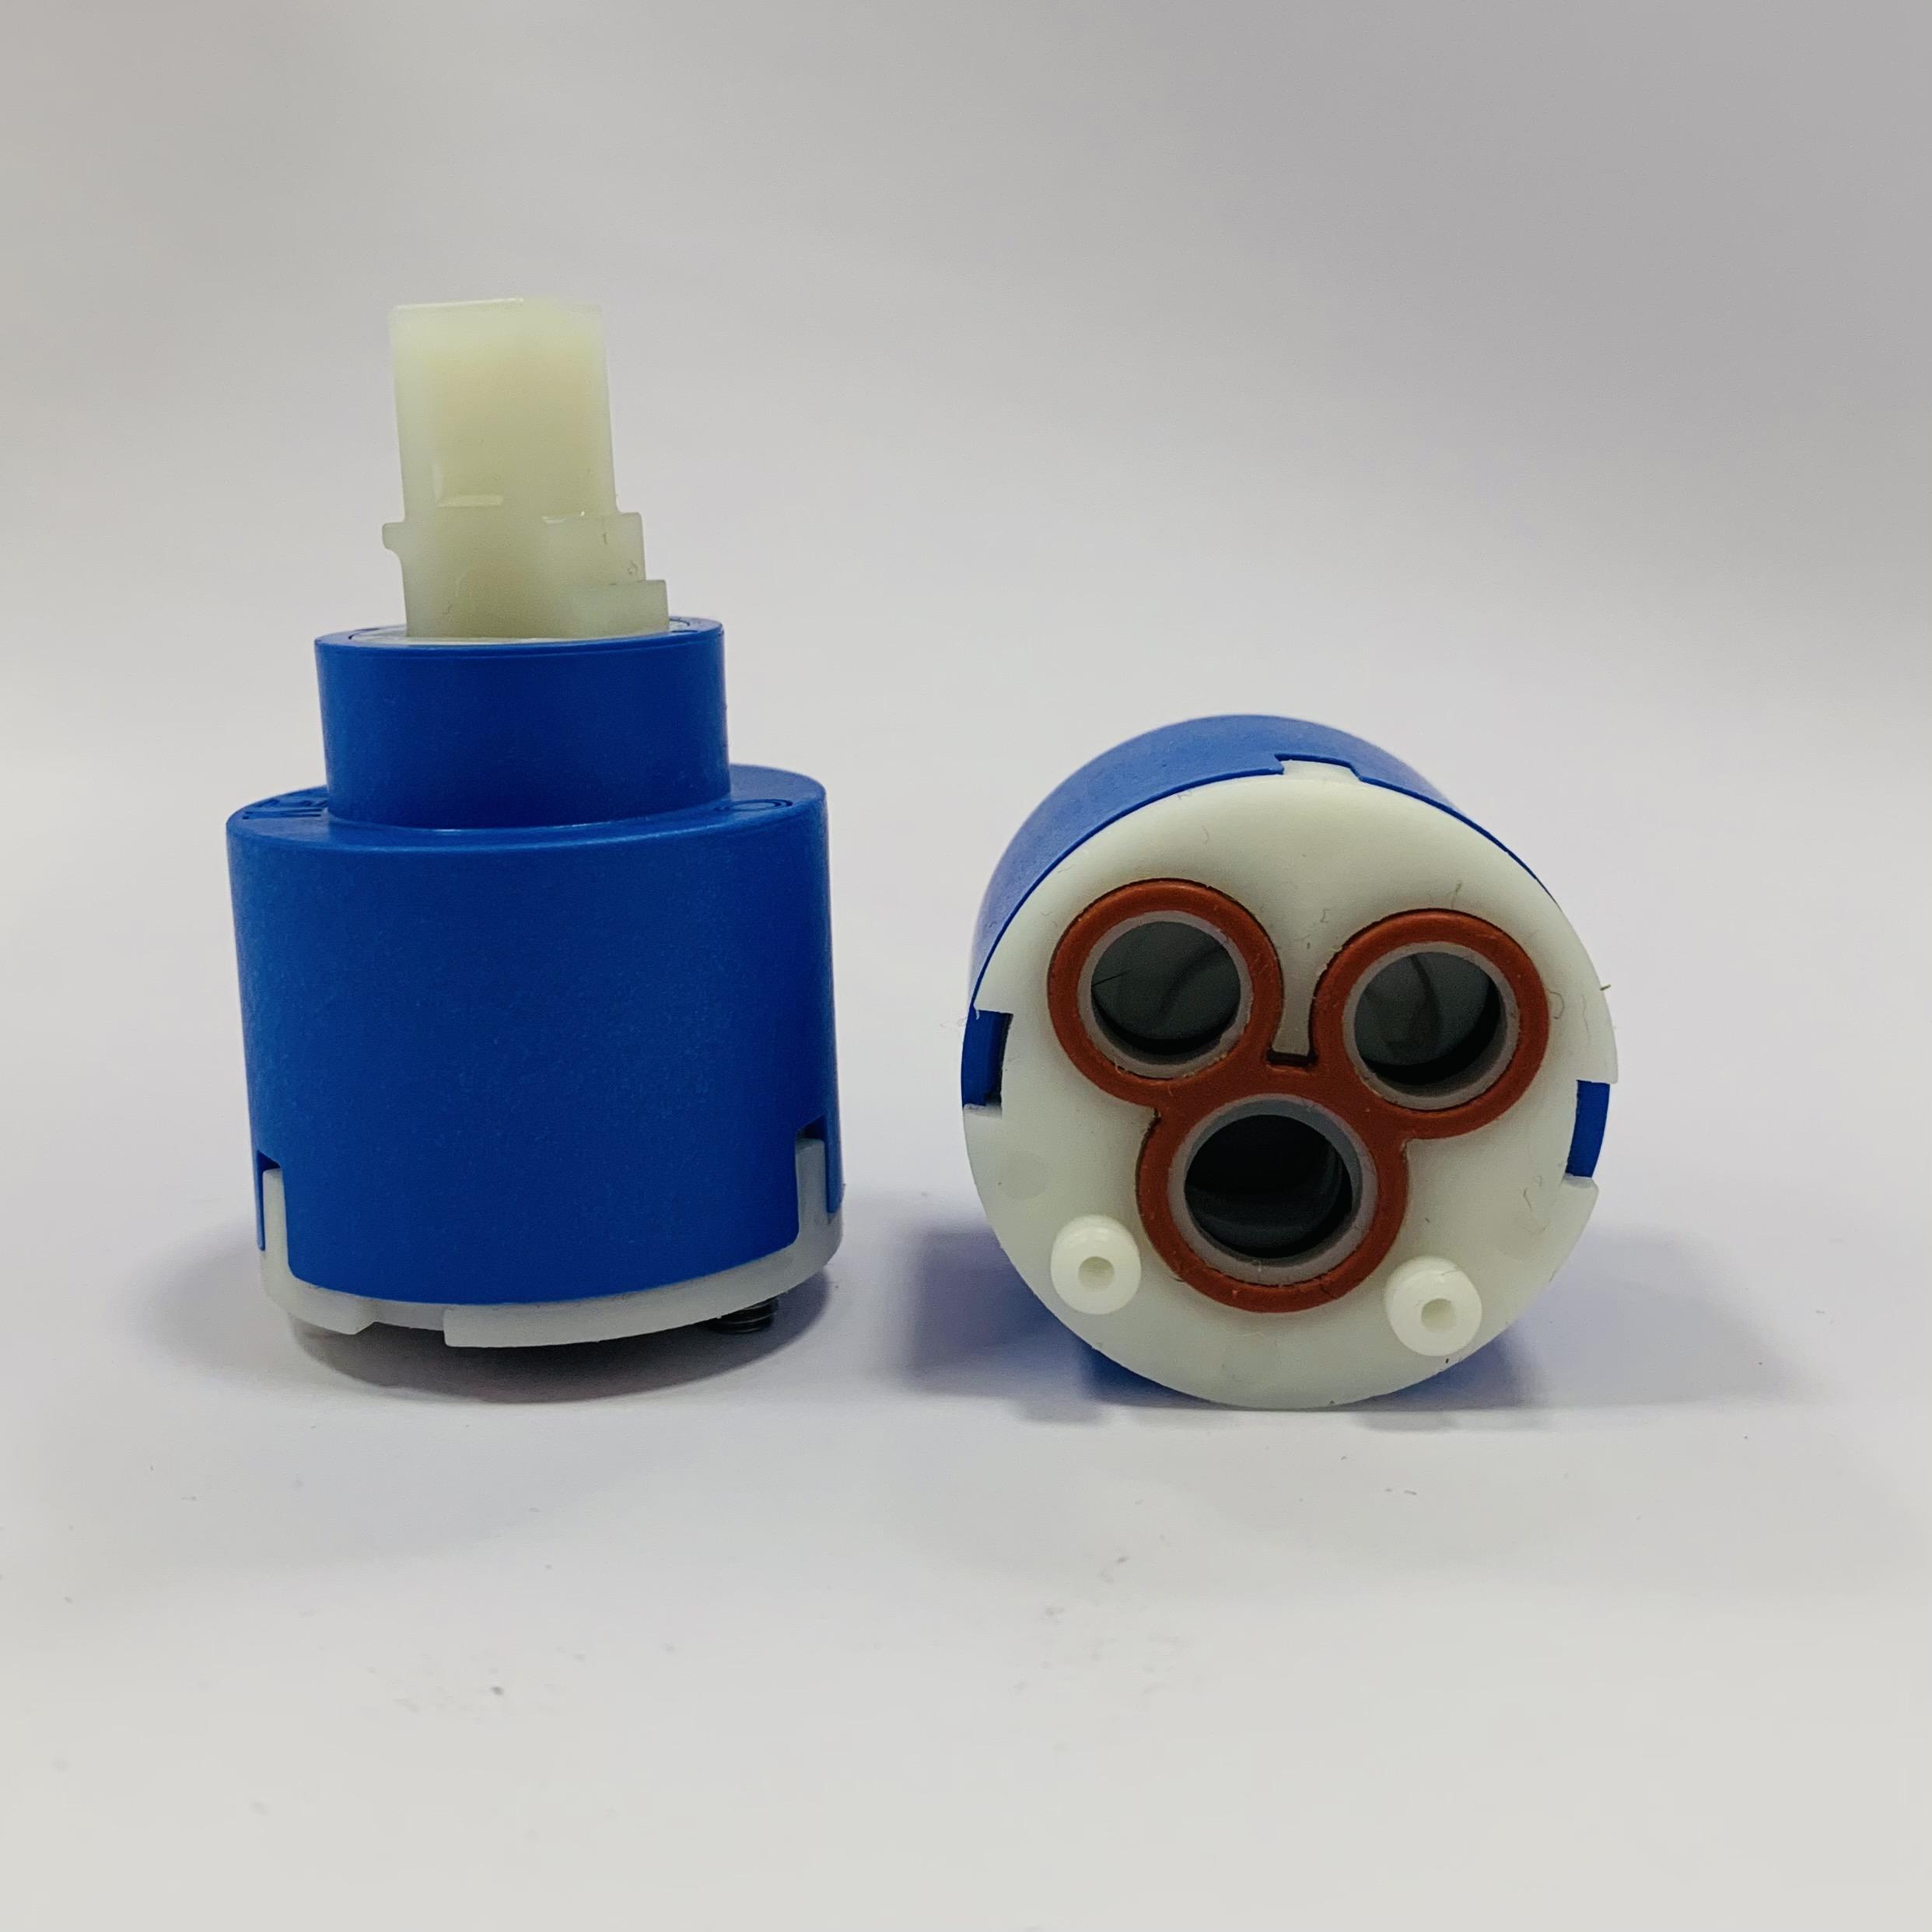 Nivito Cartridge for Bathroom, SU, EX-100 and FL